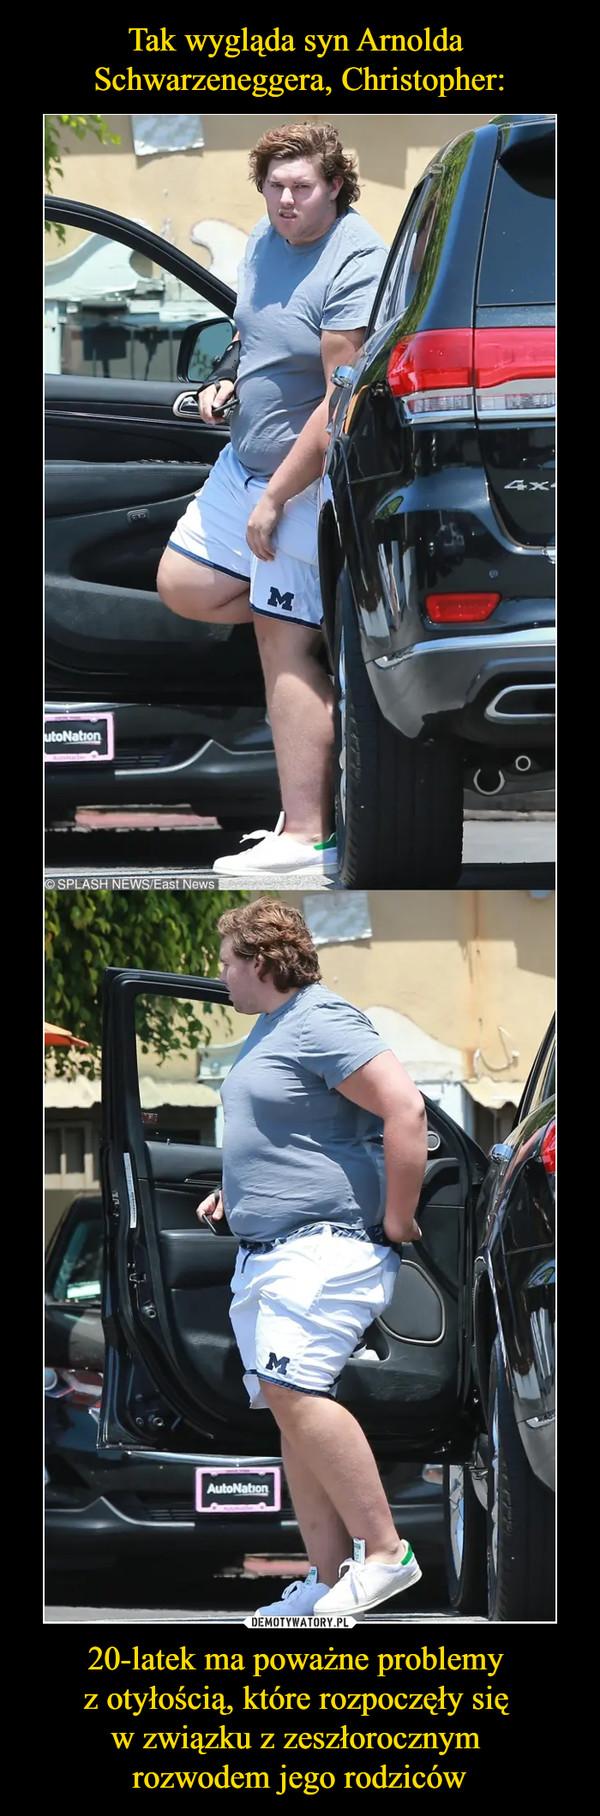 20-latek ma poważne problemy z otyłością, które rozpoczęły się w związku z zeszłorocznym rozwodem jego rodziców –